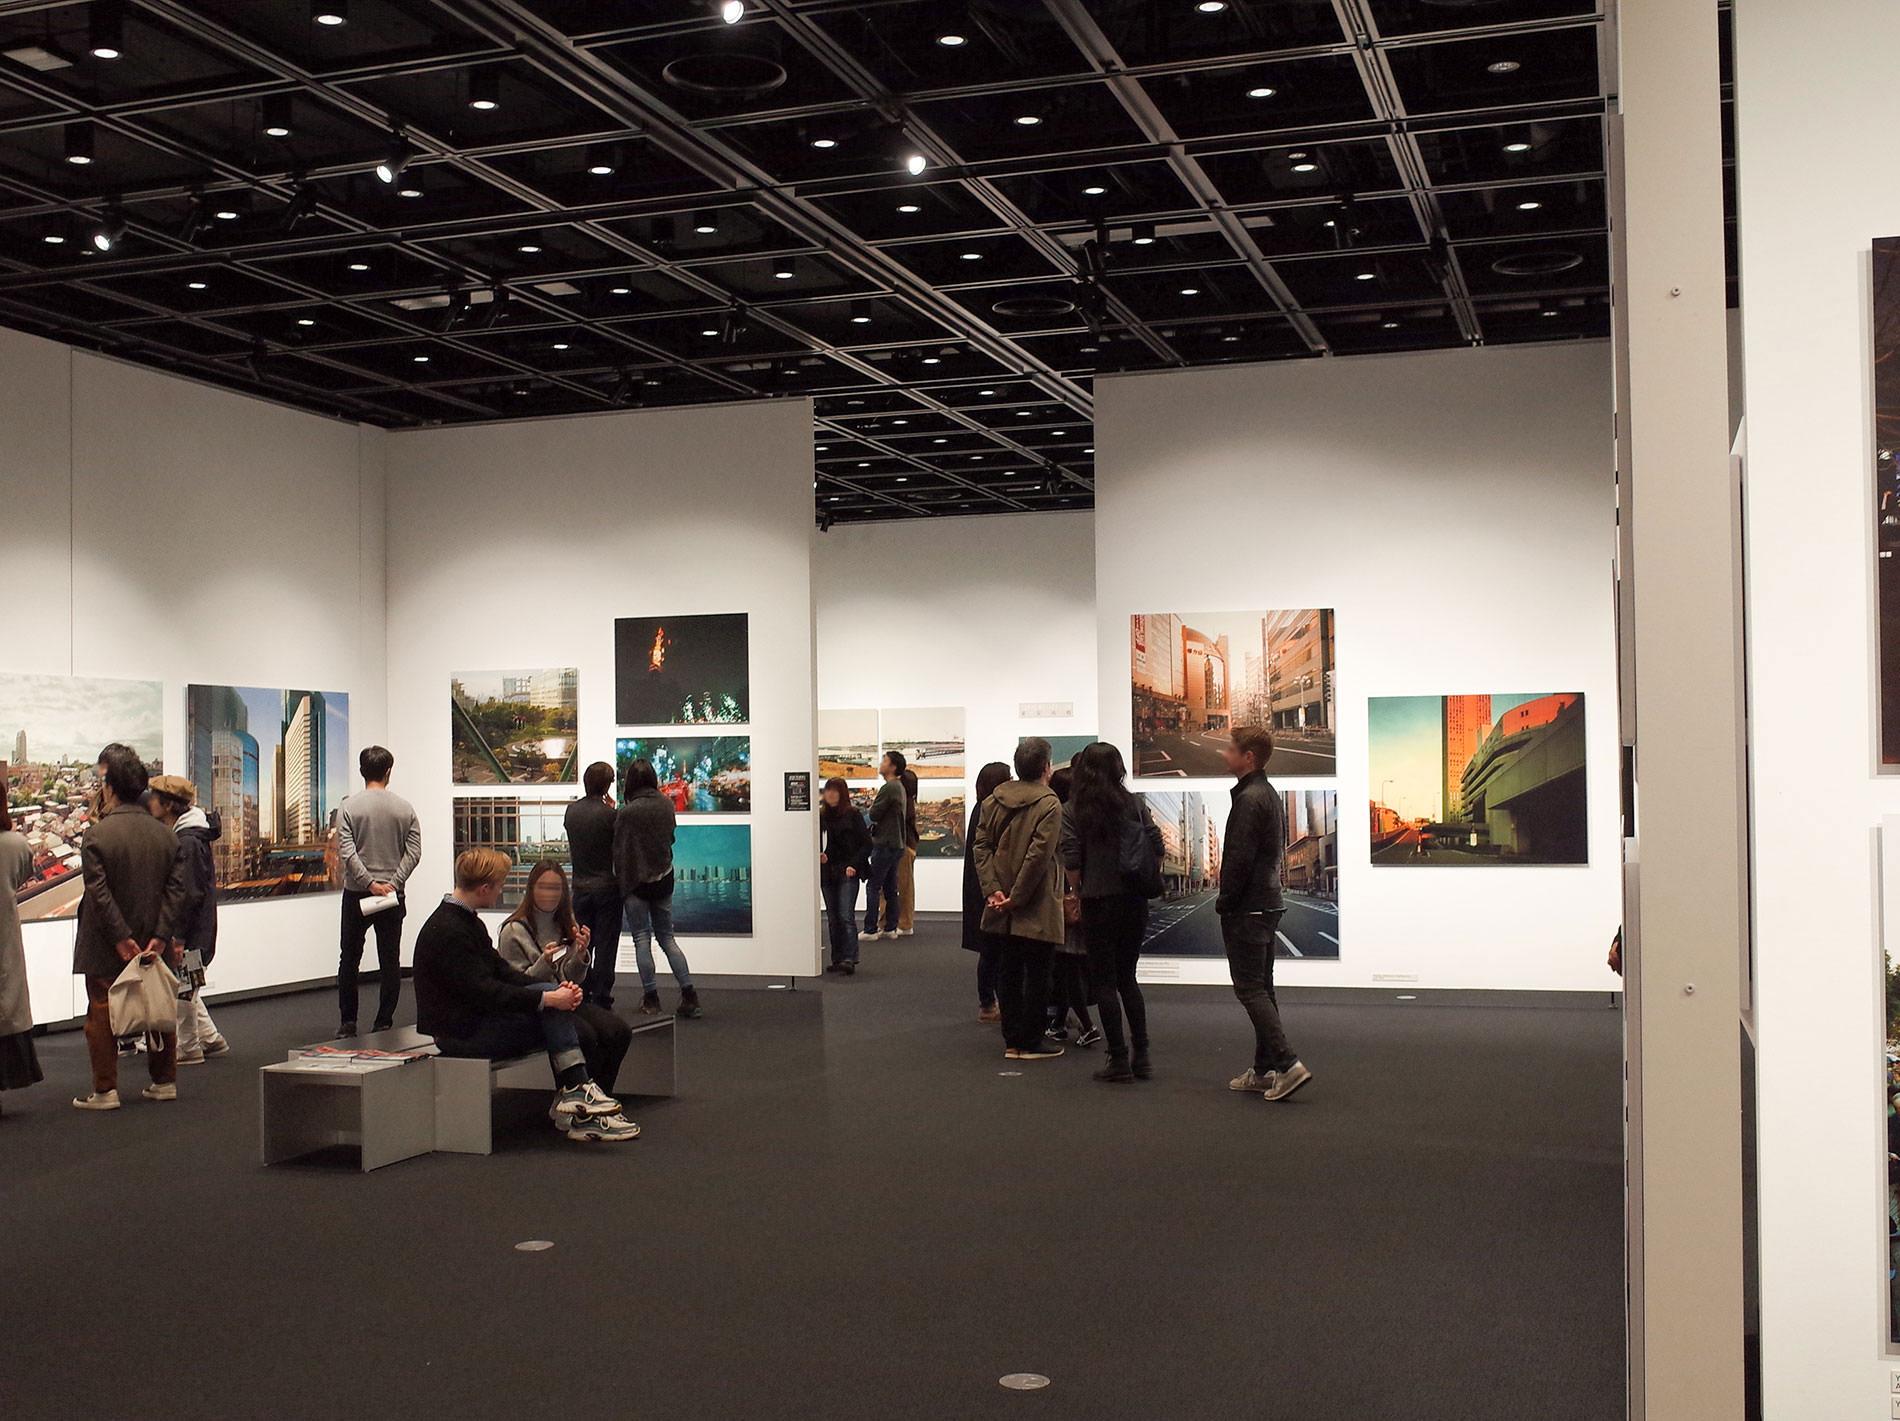 中野正貴写真展 「東京」 / Masataka Nakano's Exhibition TOKYO 2019 - 2020